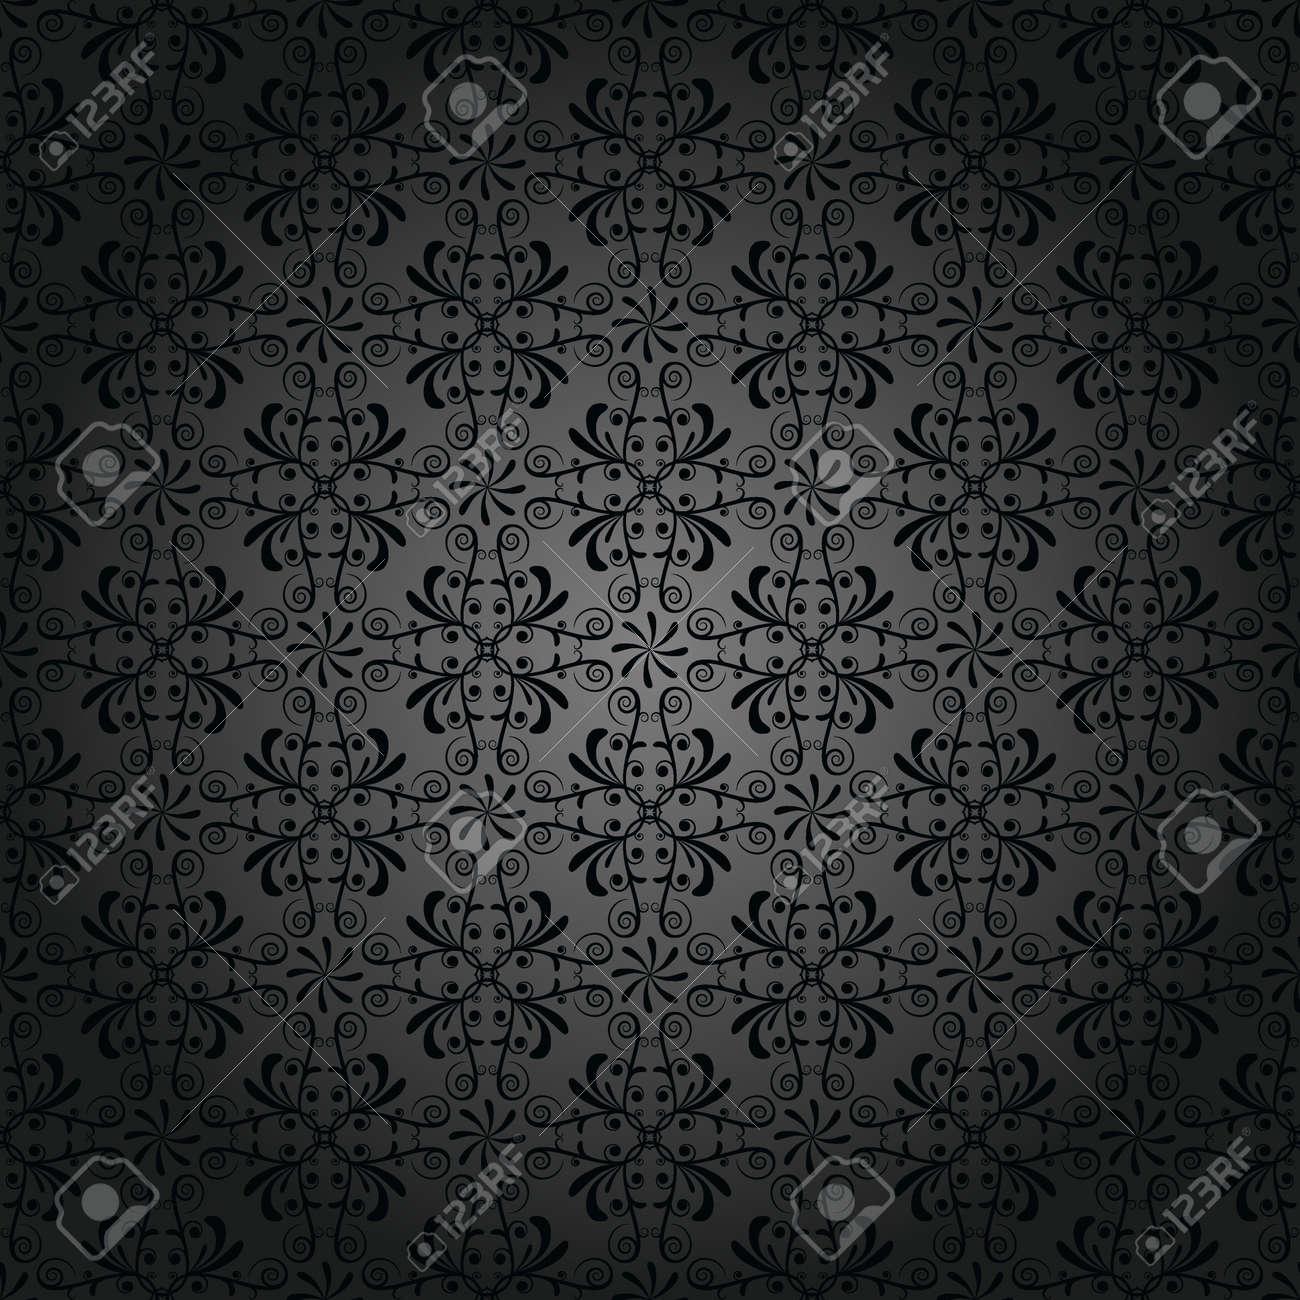 パターン アンティークの黒の壁紙のイラスト素材 ベクタ Image